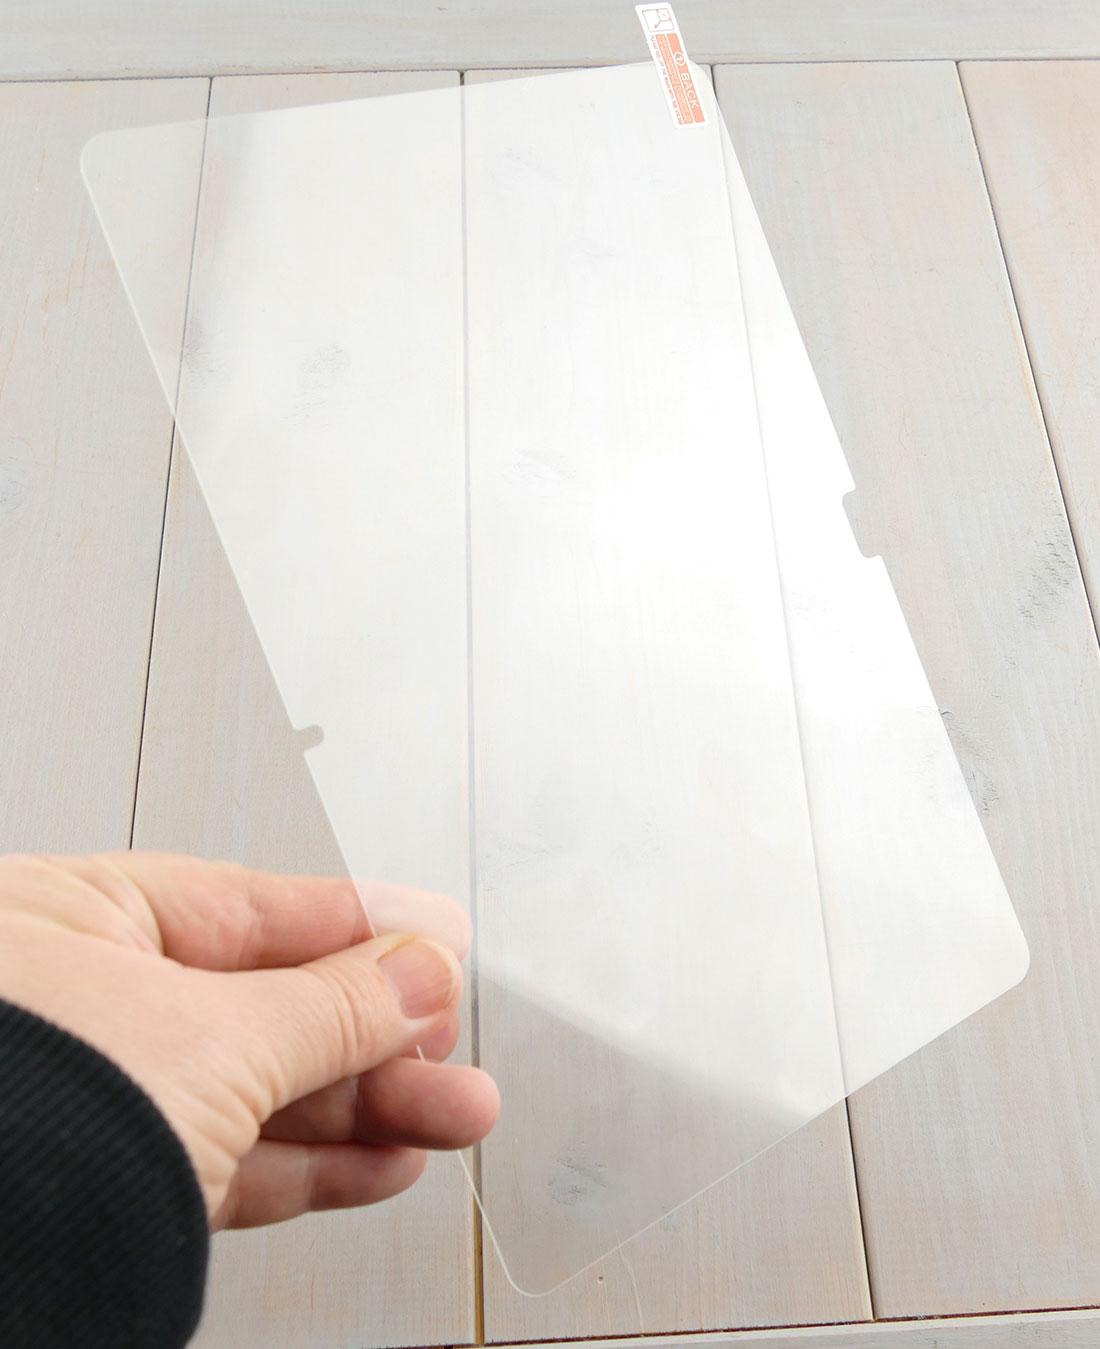 Szkło hartowane w dłoniach - Huawei M5 Lite 10.1 / Huawei C5 10.1